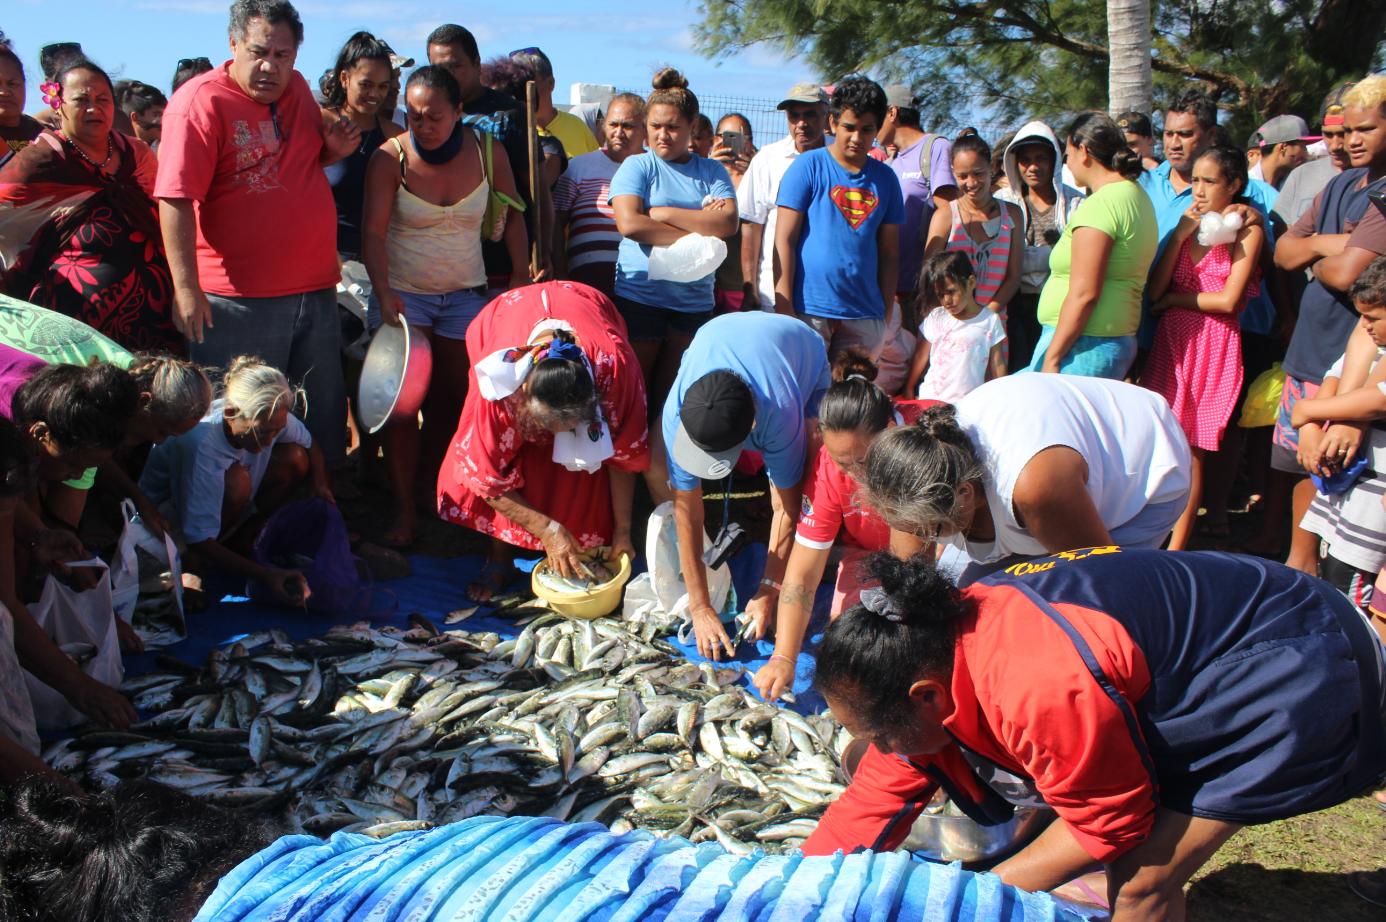 Tradition oblige toujours, ce sont les Matahiapo qui ont eu l'honneur de se servir en premier.